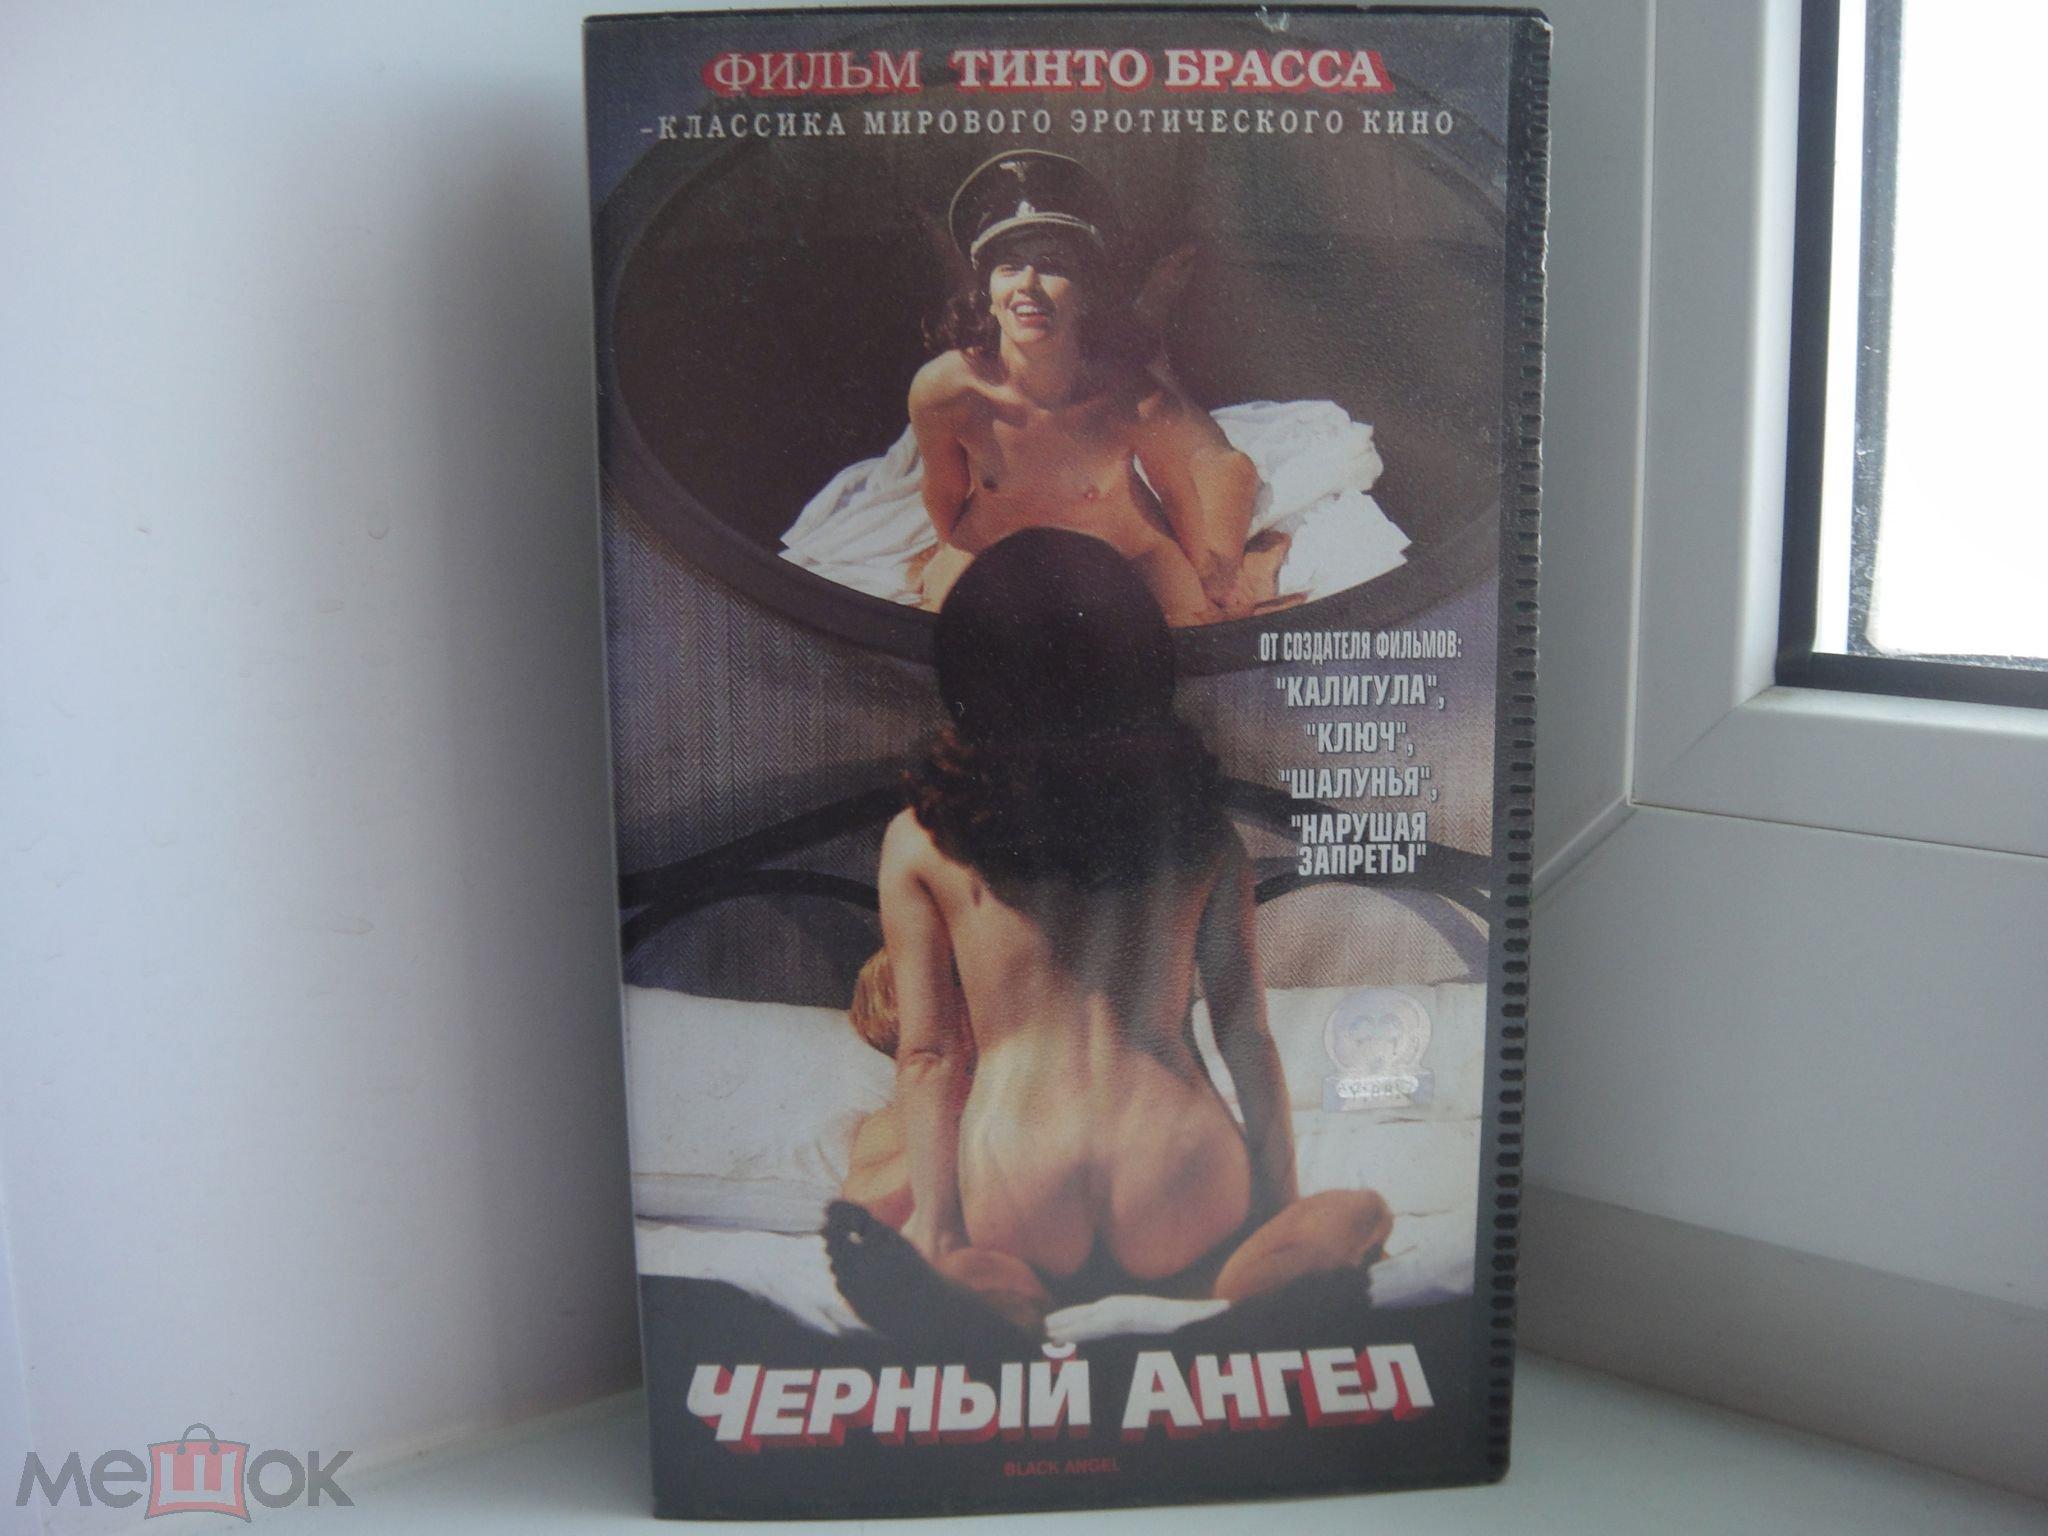 порно видео фильм тинто брасса черный ангел